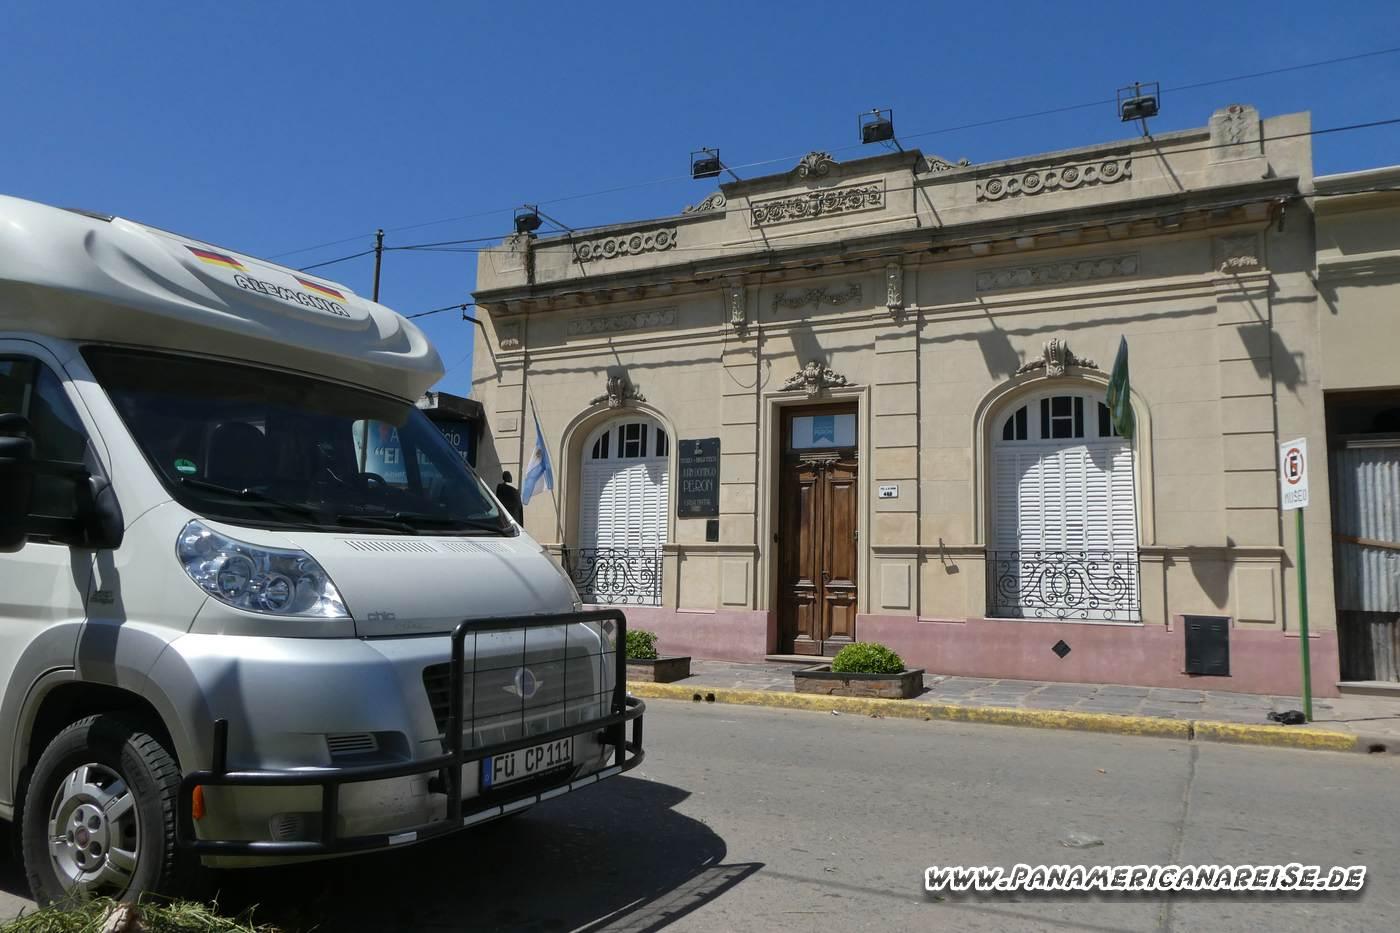 Museo Juan Domingo Peron in Lobos Argentinien